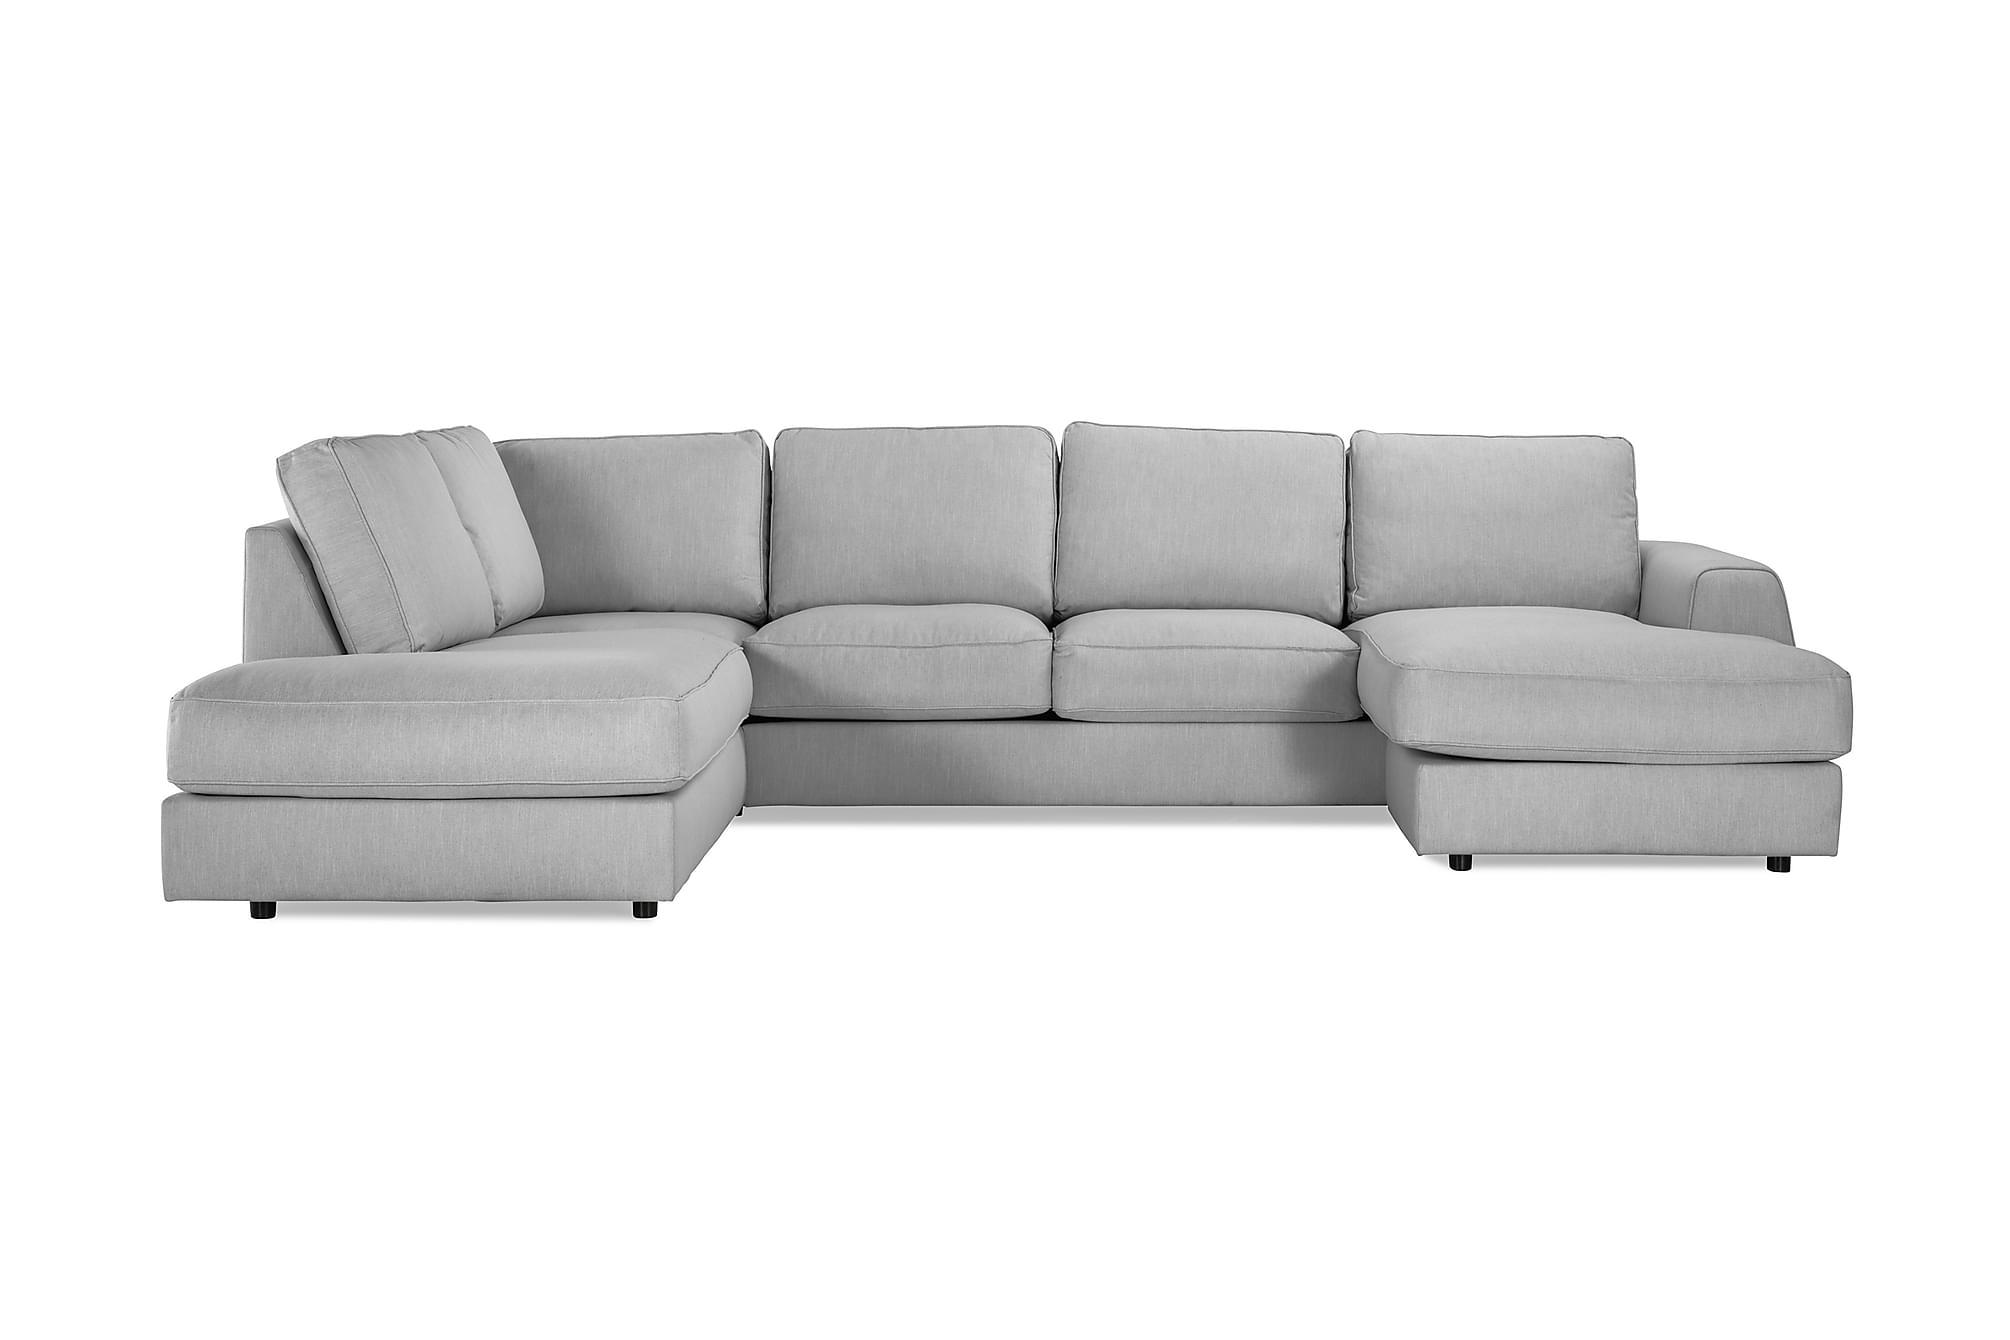 Clarksville lyx u-soffa med divan höger linnegrå